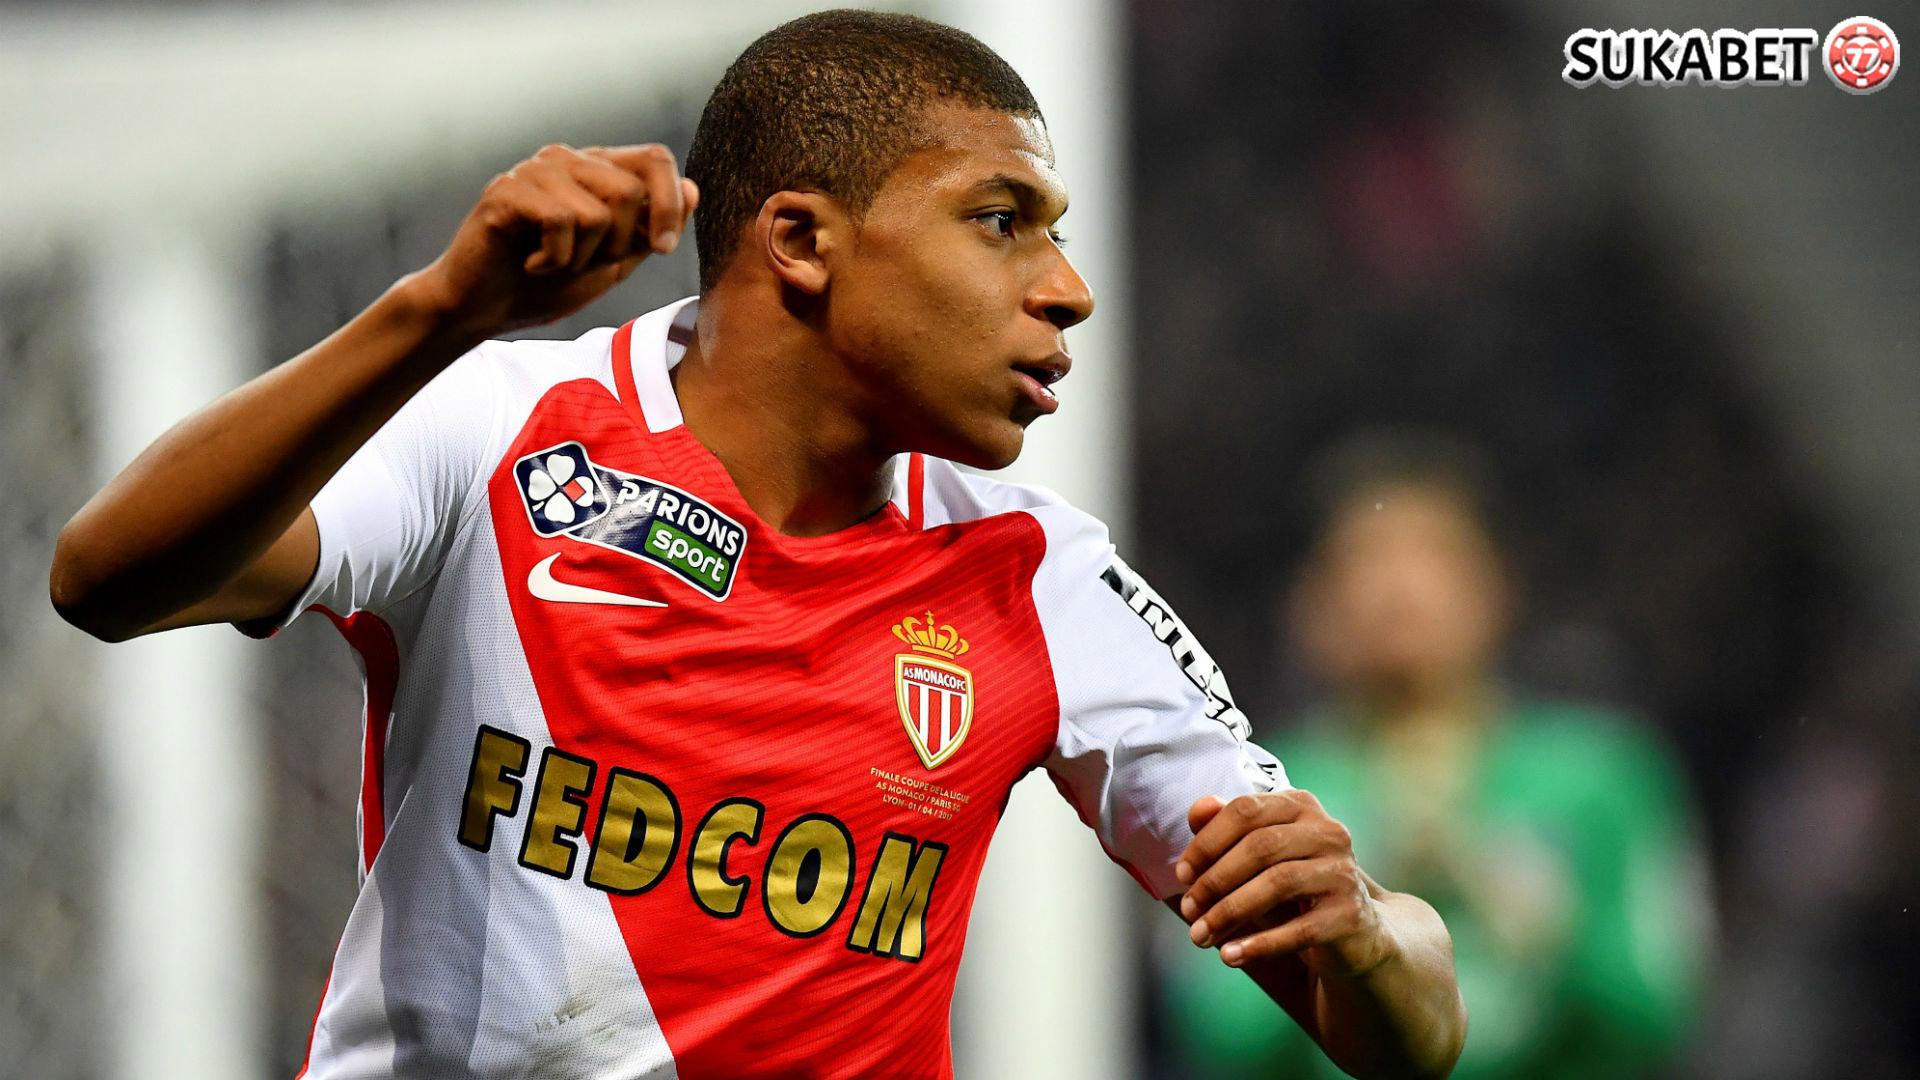 Monaco Siap Lapor ke FIFA Jika Ada Klub yang Berani Dekati Mbappe Secara Ilegal